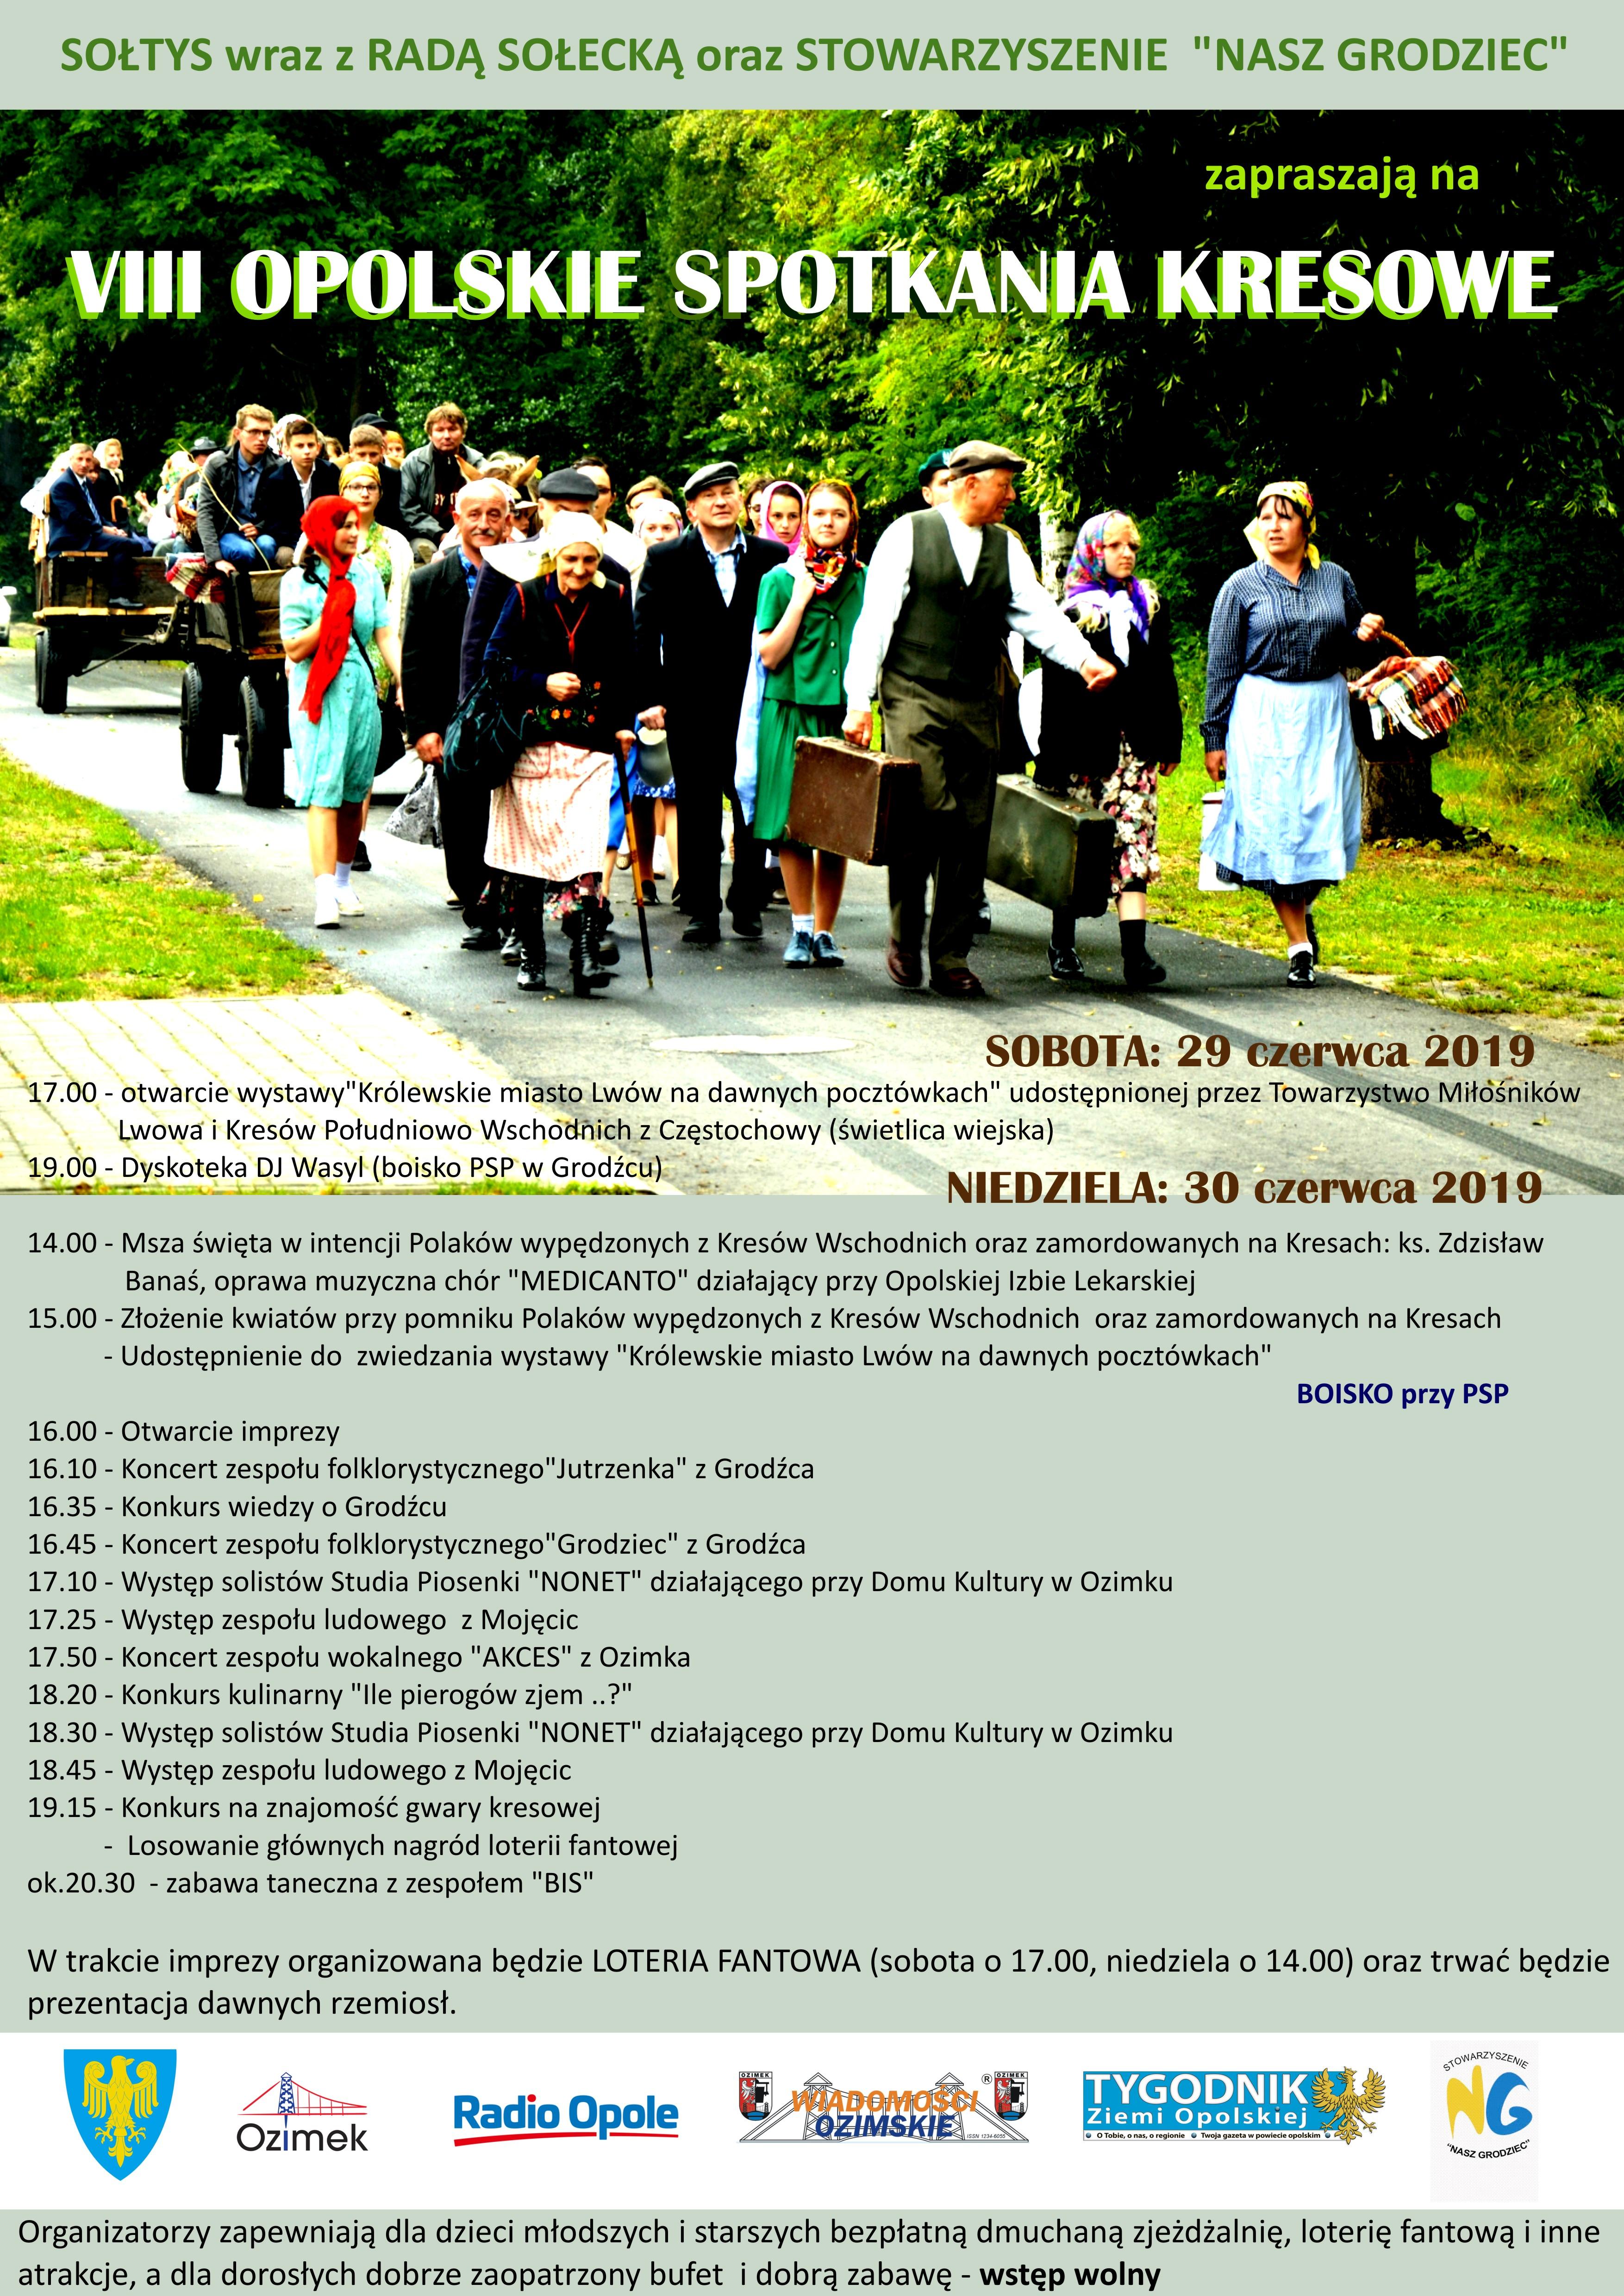 Przed nami VIII Opolskie Spotkanie Kresowe w Grodźcu